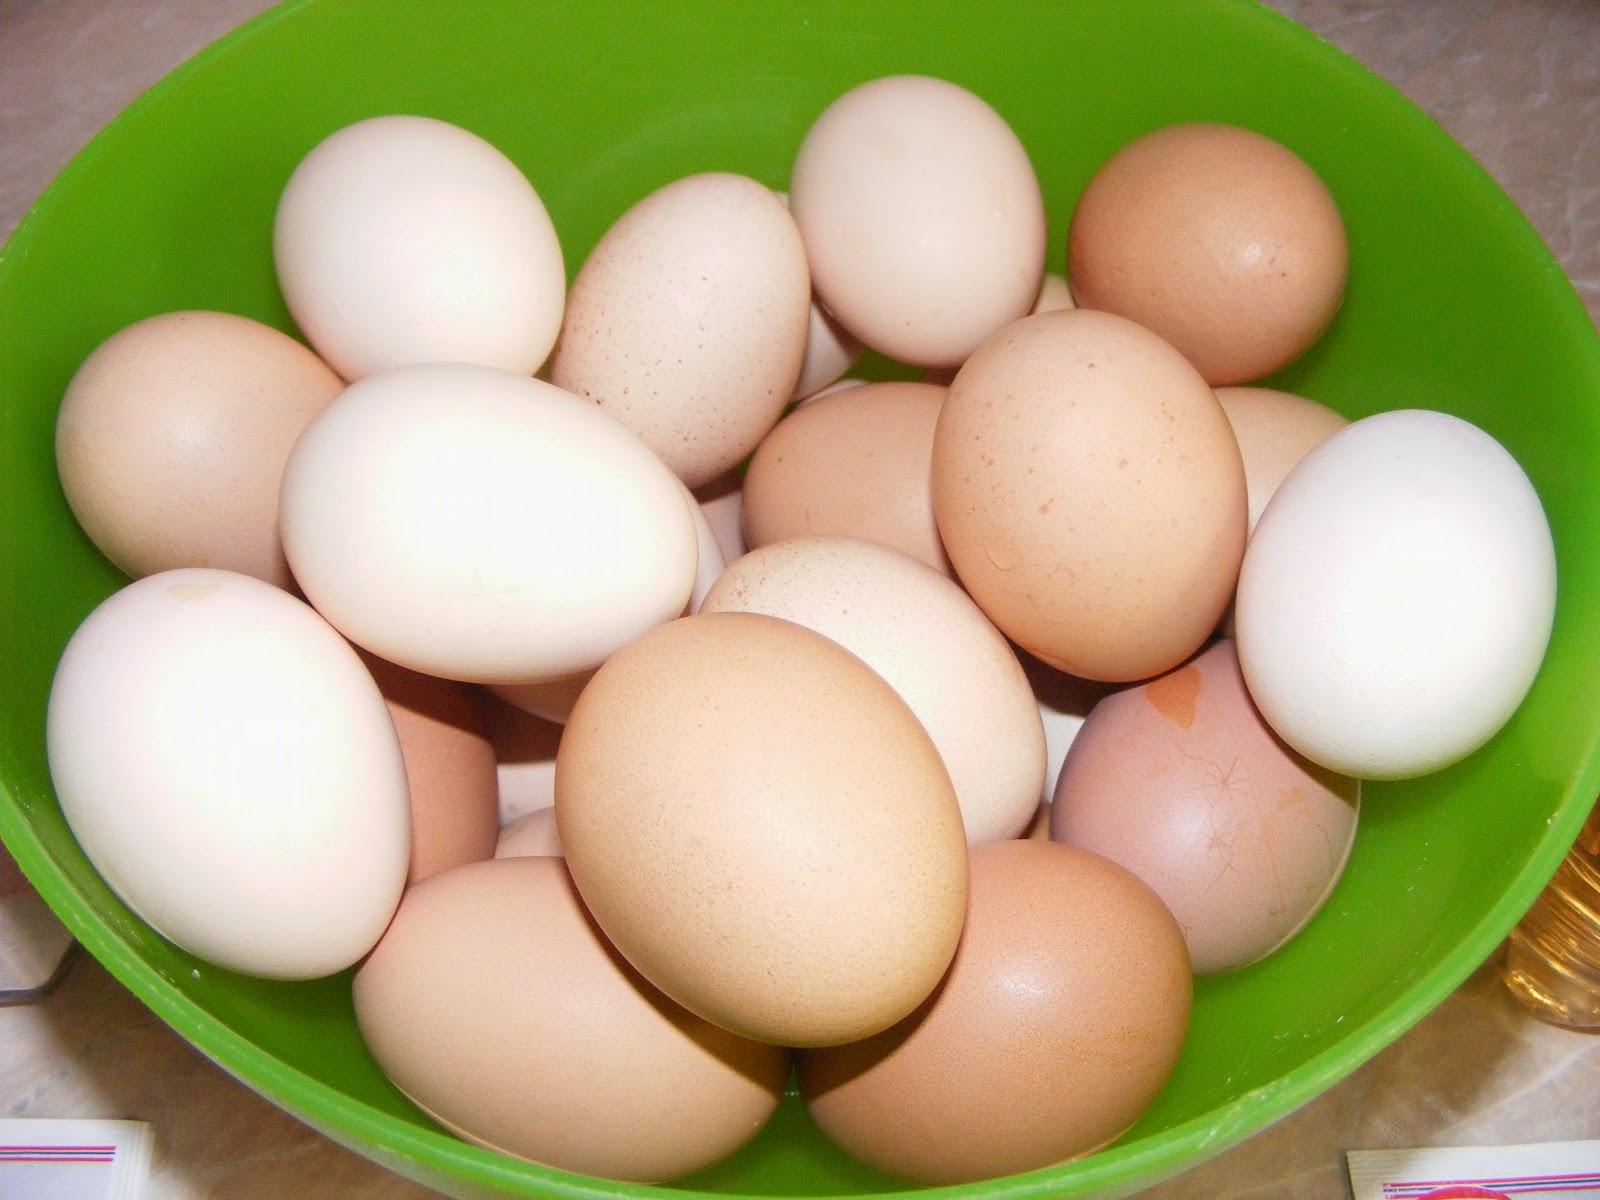 oua, oua de gaina, oua de tara, oua de casa, oua proaspete, oua pentru vopsit, retete cu oua, preparate cu oua, retete de paste, retete de pasti, cum se vopsesc ouale de paste,